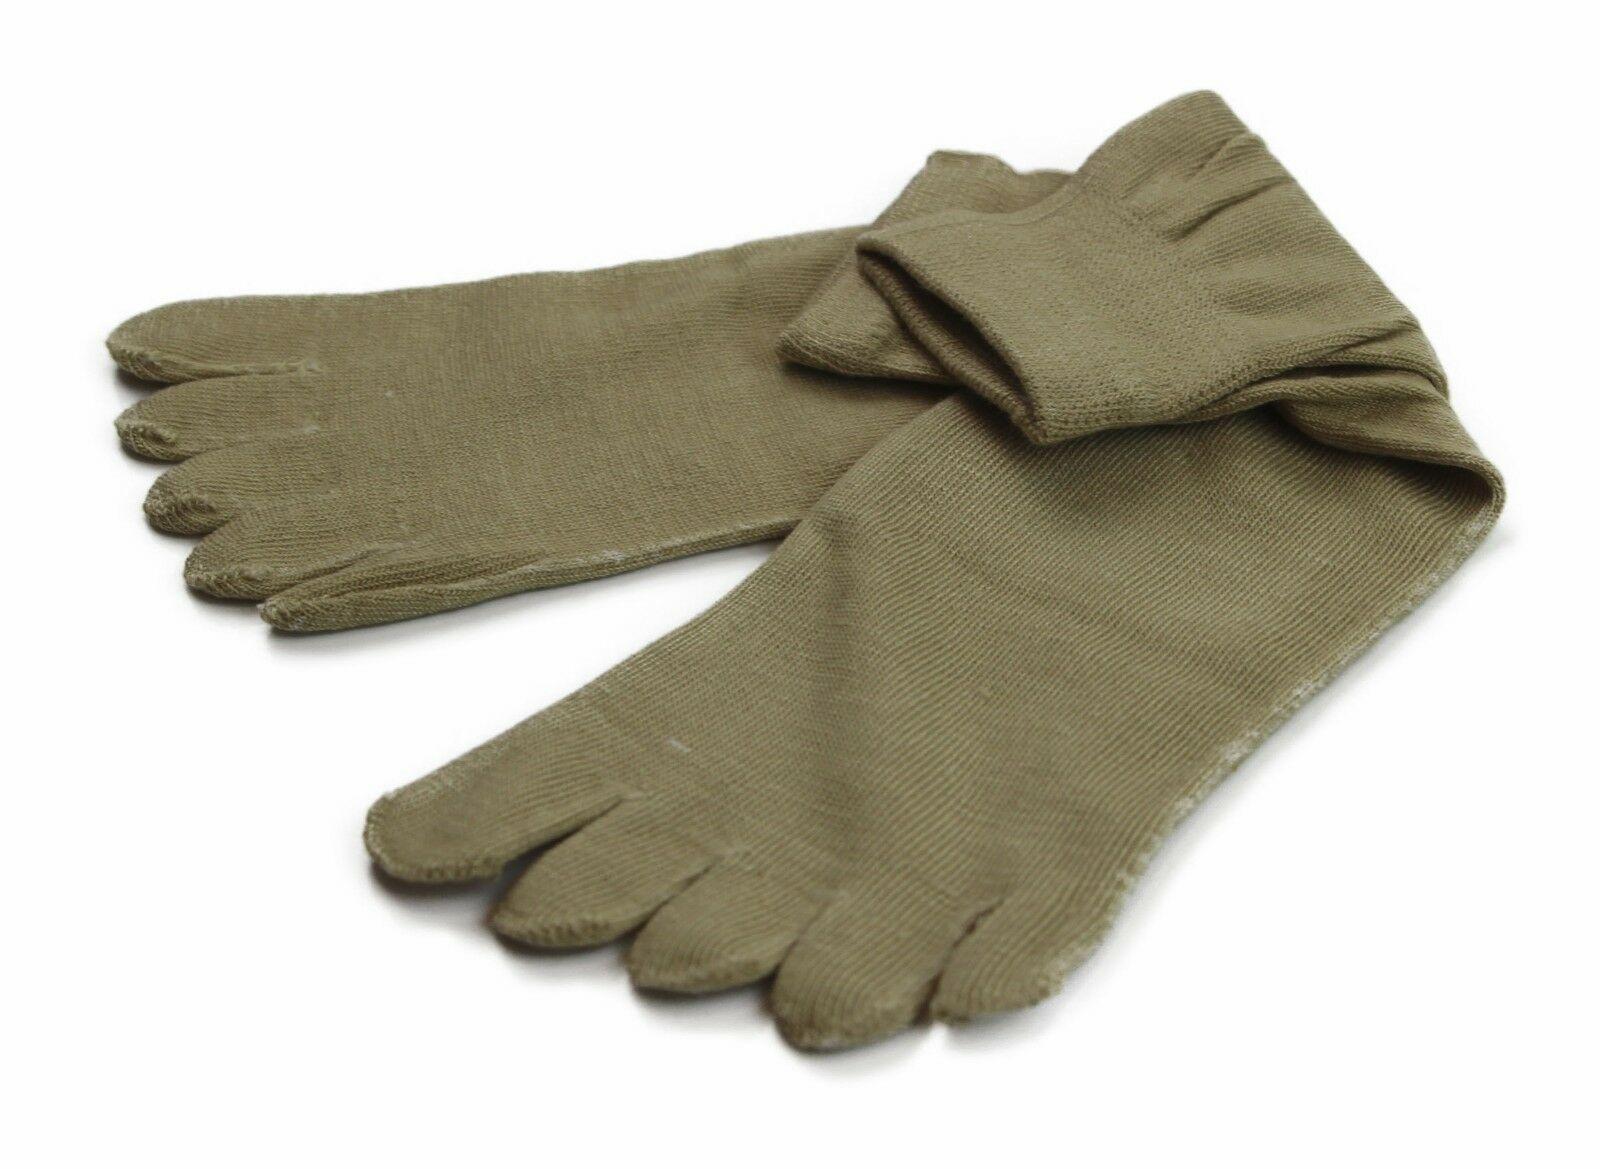 縮圖 13 - Toe Socks Premium Cotton Ankle Five Finger Socks Black Grey Brown Mens Womens